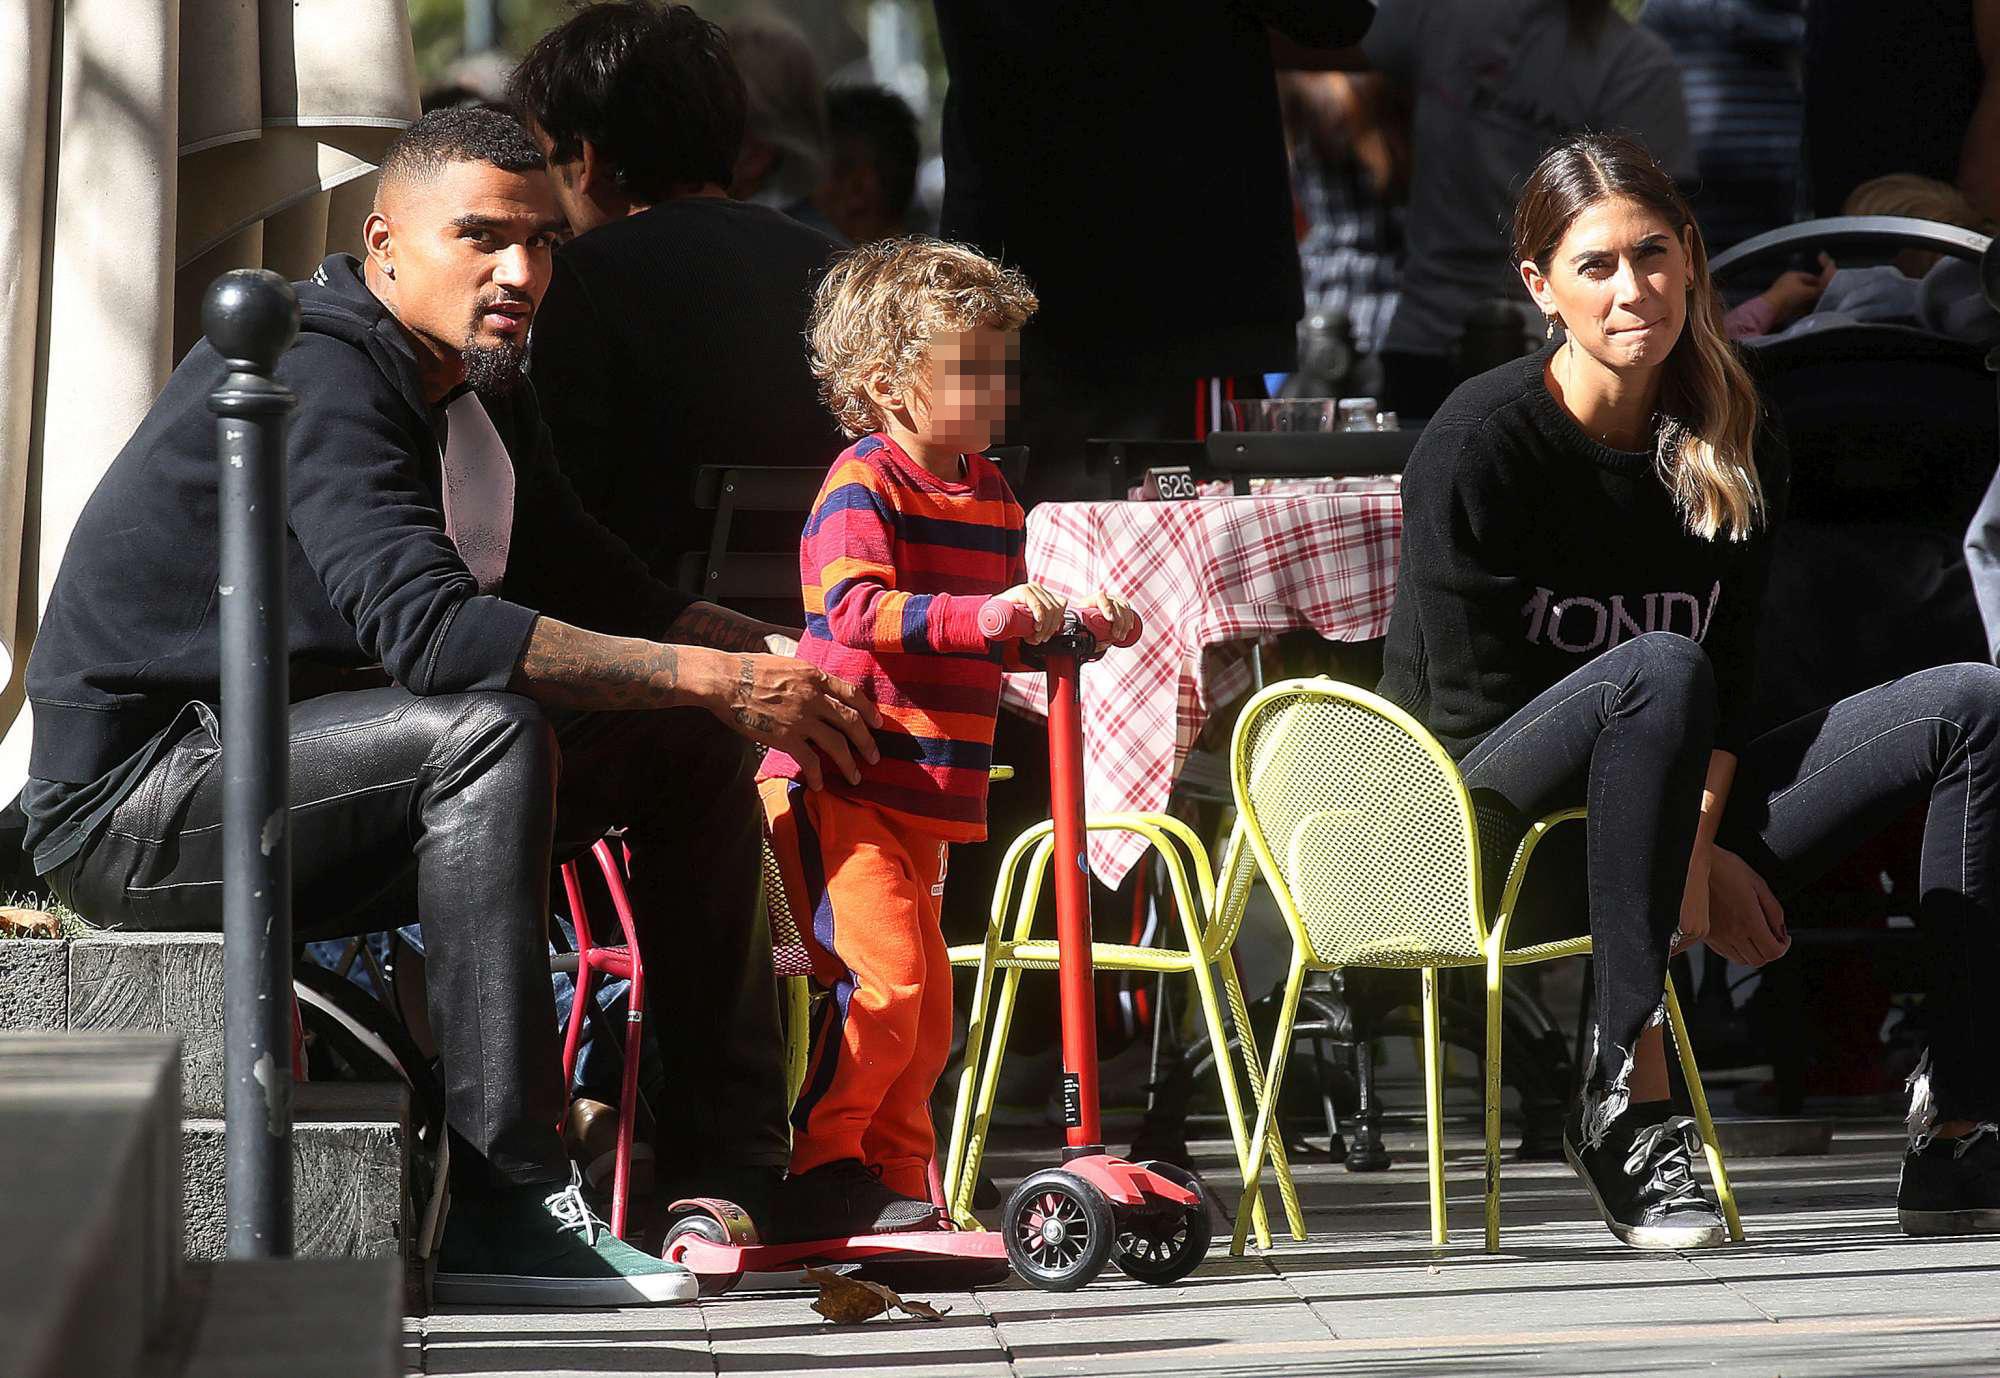 Melissa Satta e Boateng, pomeriggio al parco con Maddox